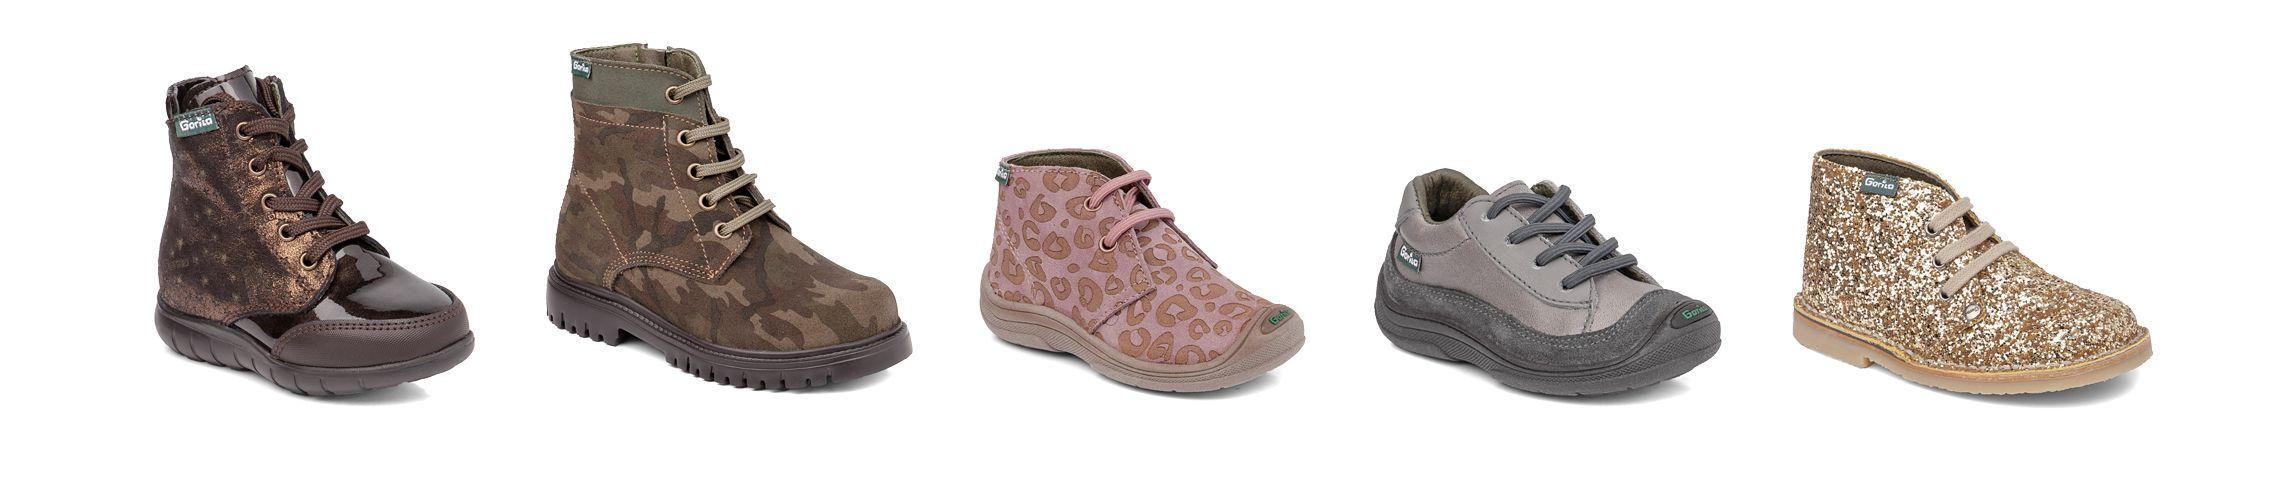 Zapatos infantiles, asignatura de septiembre